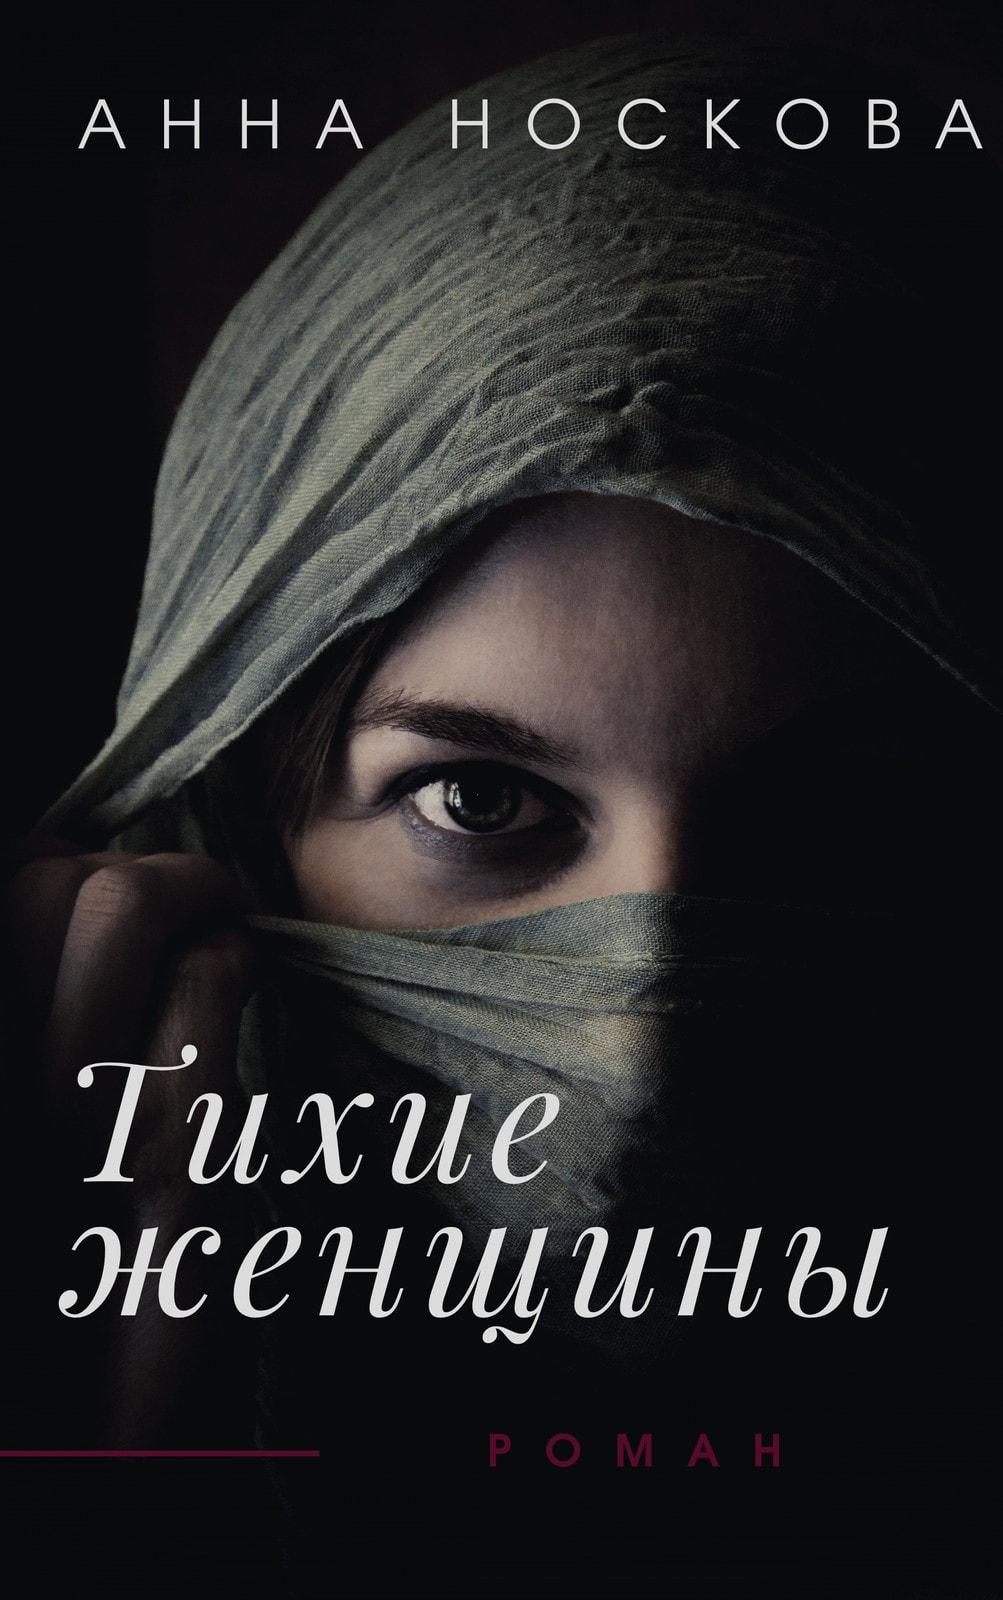 Тихие Женщины Триллер Киндл Обложка